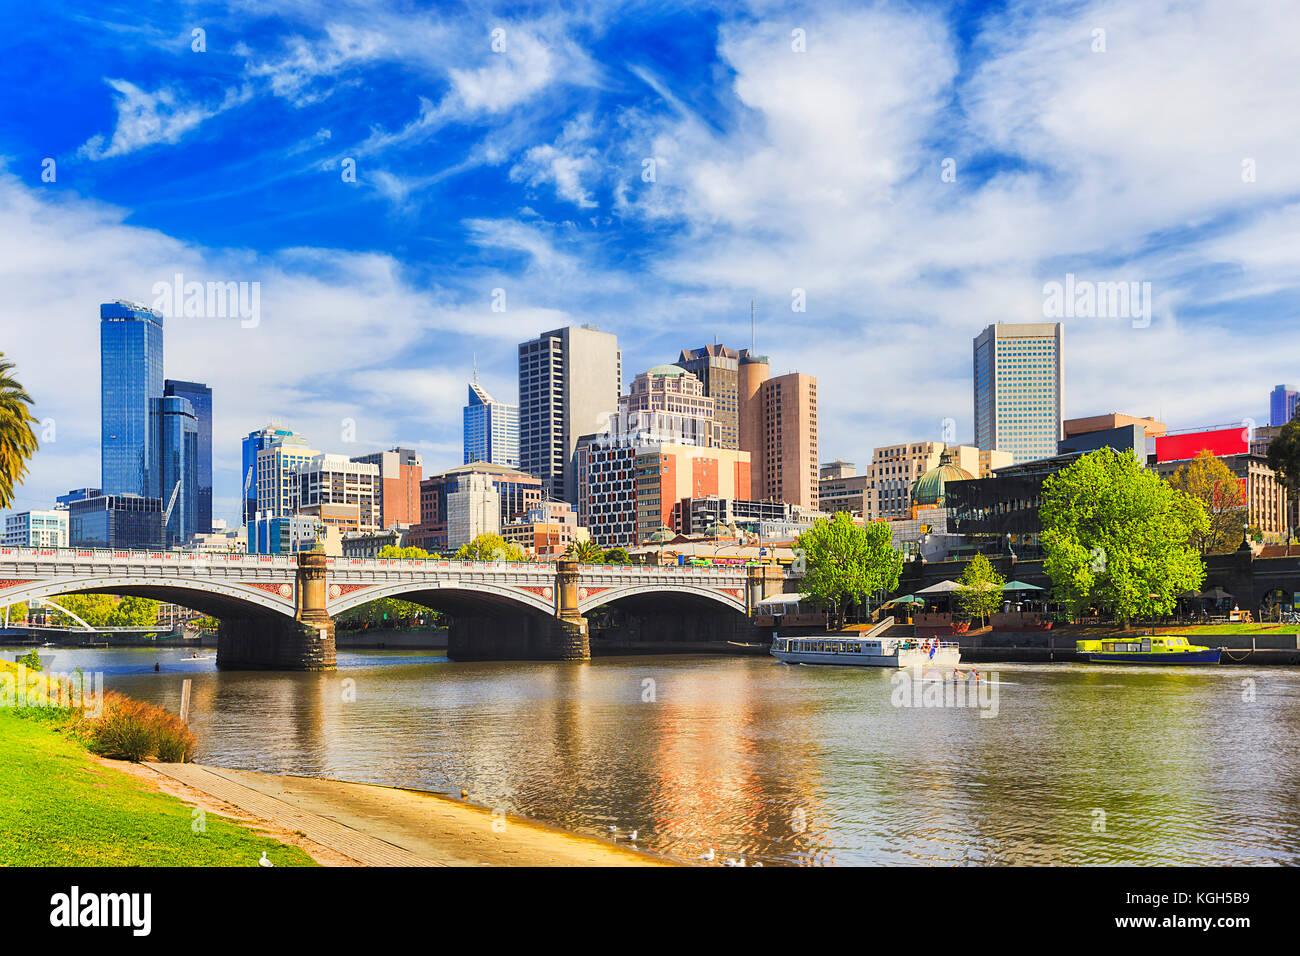 Princes bridge en la ciudad de Melbourne en río Yarra en un día soleado en vista de rascacielos y arquitectura urbana moderna. Foto de stock